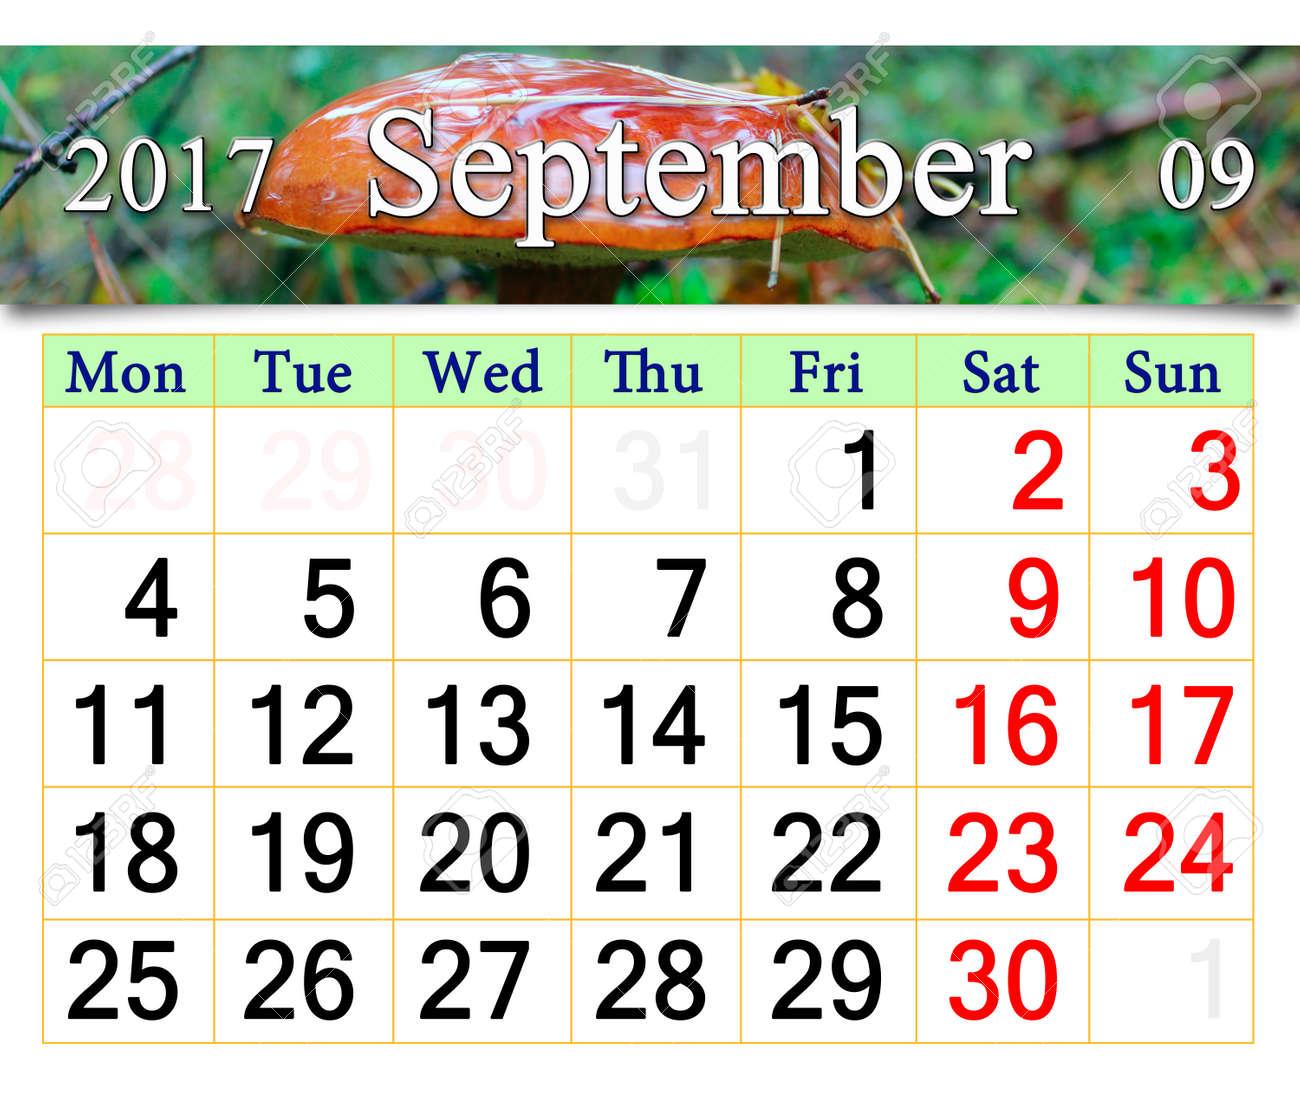 Calendario Funghi.Calendario Per Ottobre 2017 Con Il Nastro Di Funghi Boletus Badius